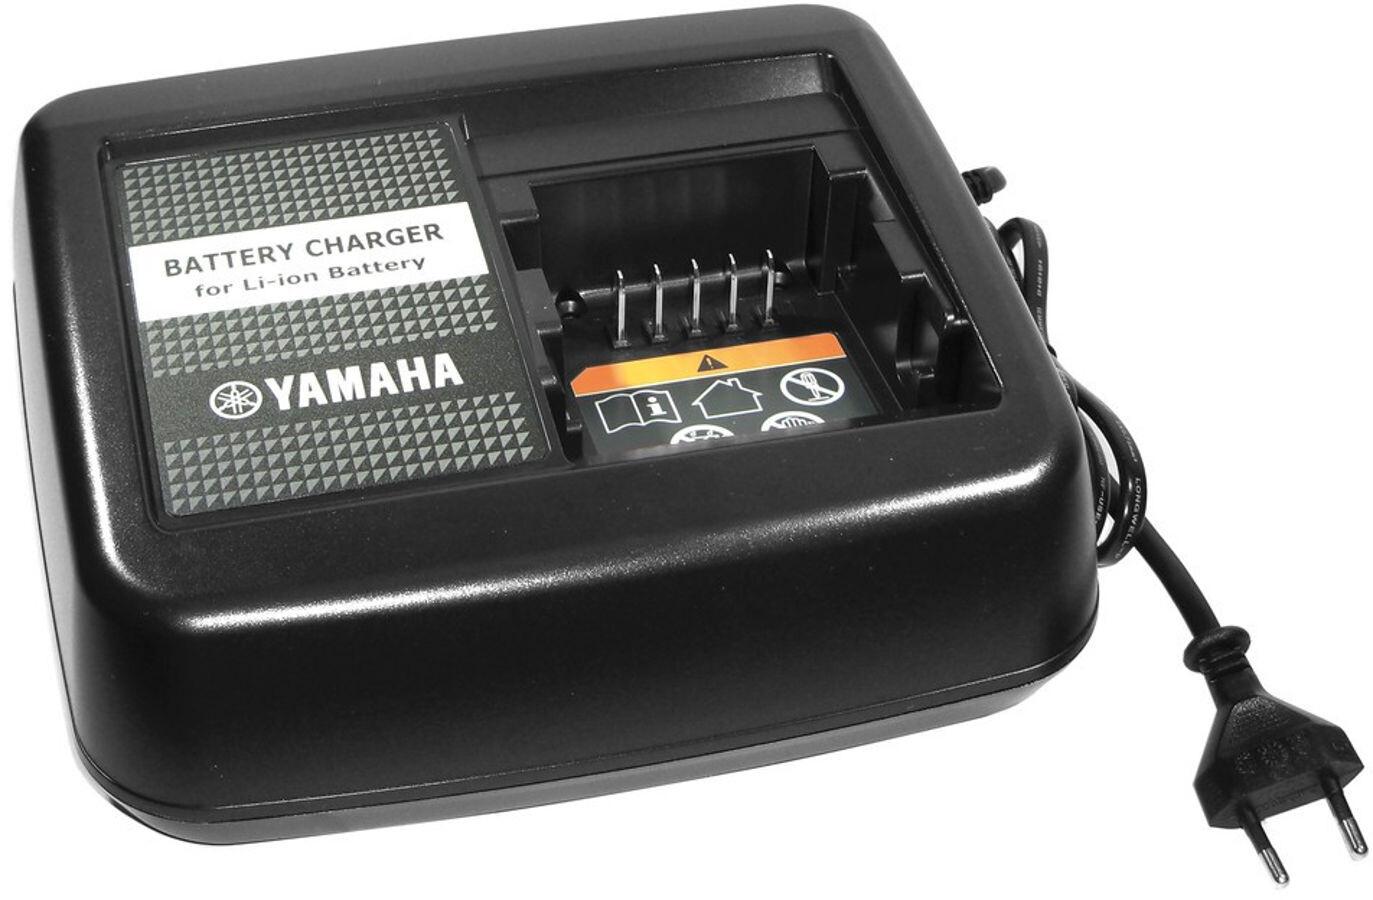 Yamaha 'Batterioplader til E-Bike' til Displays til MJ 2013 + 2014 | City-cykler